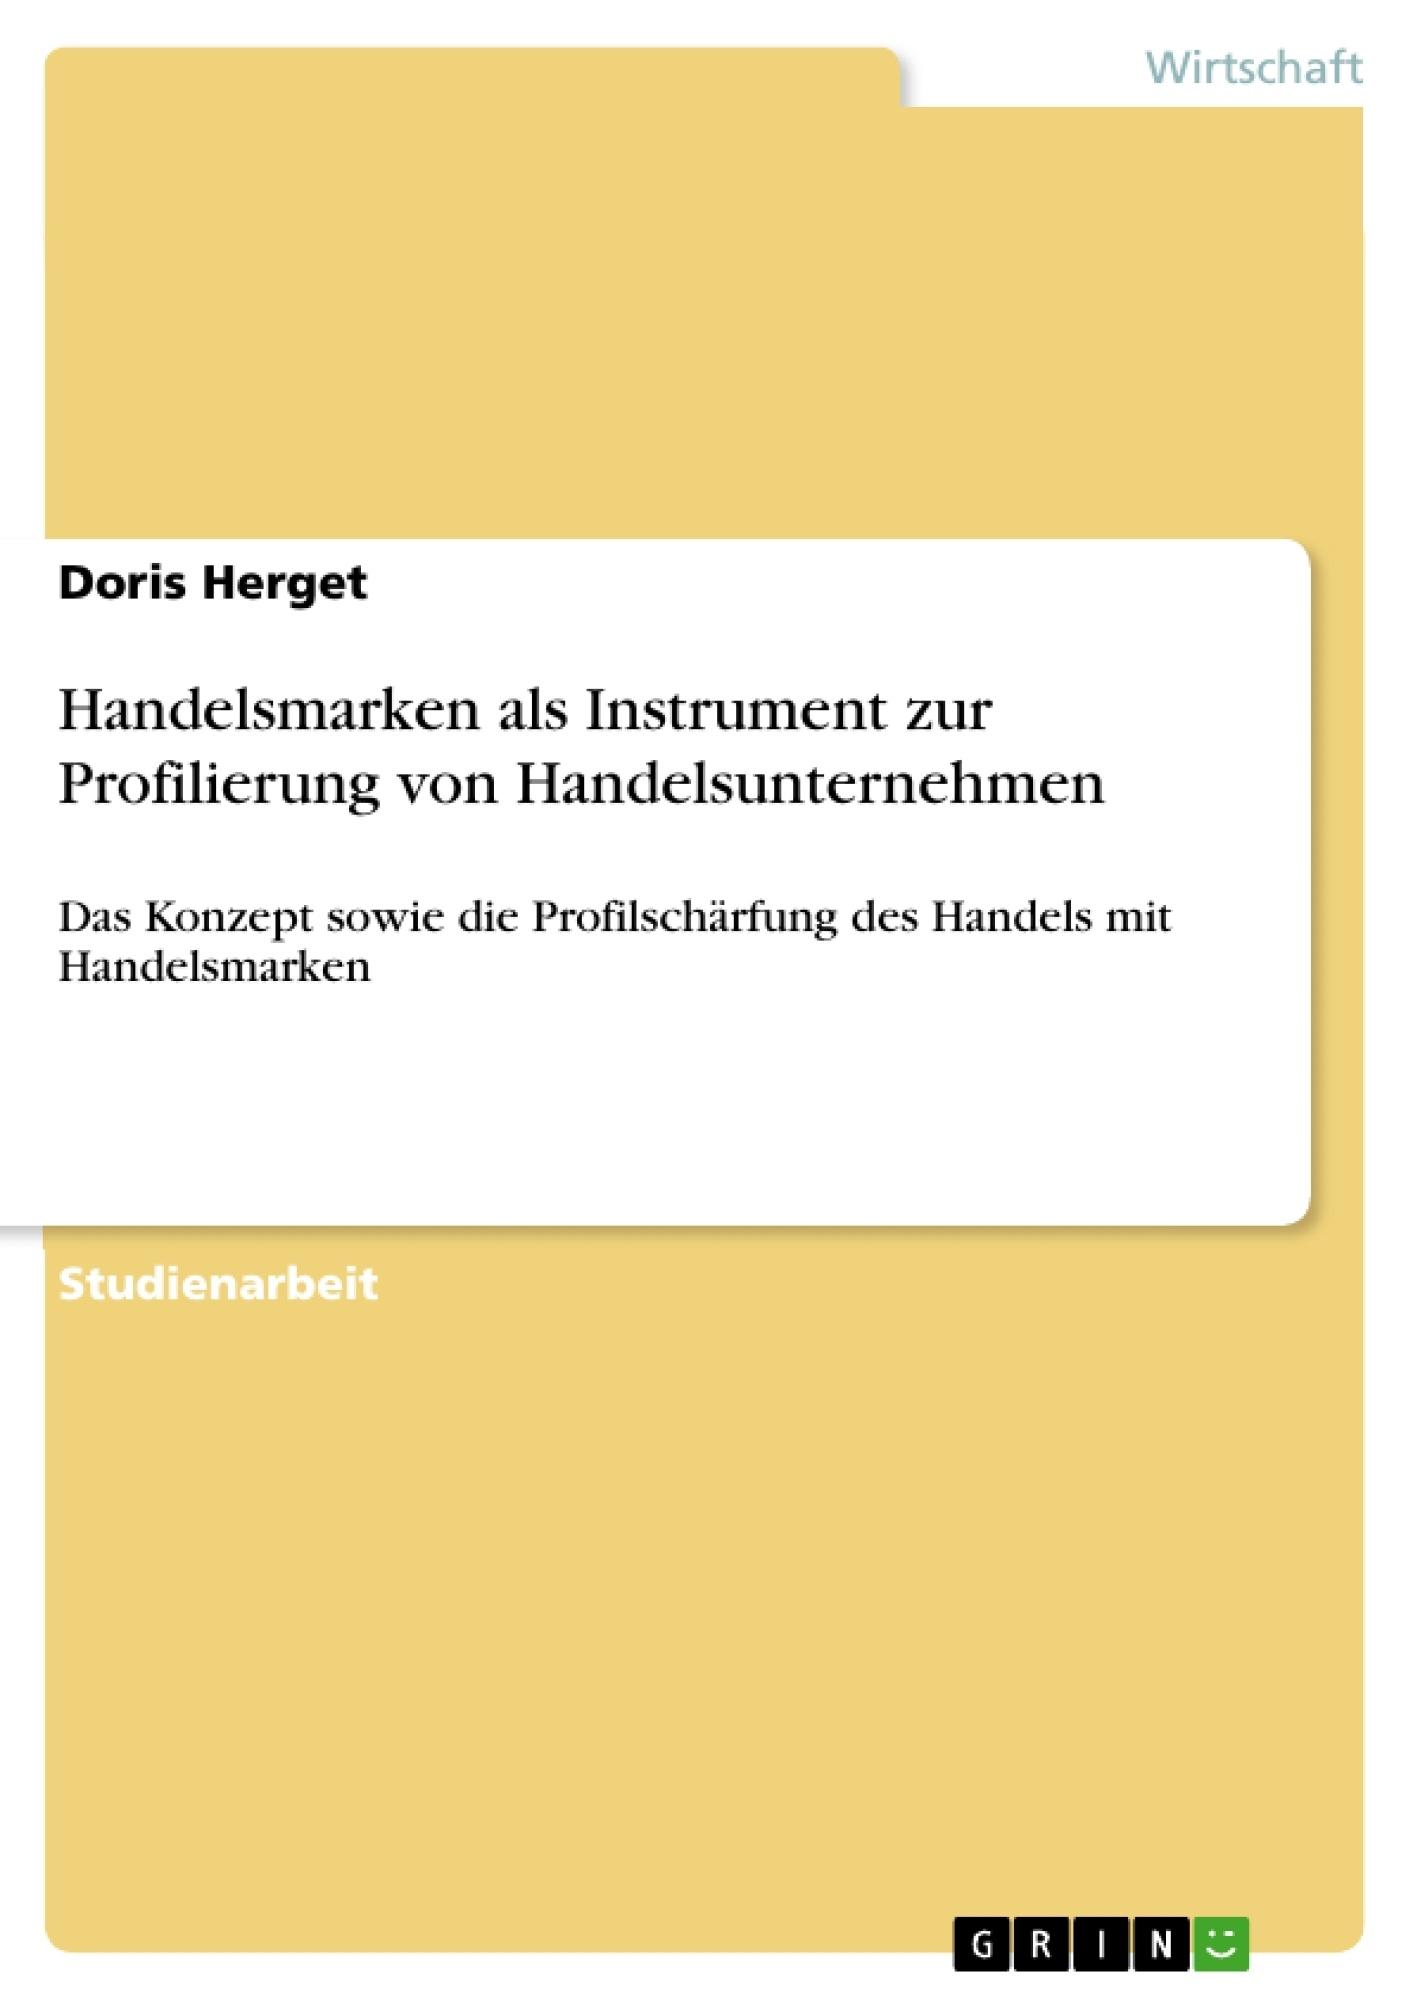 Titel: Handelsmarken als Instrument zur Profilierung von Handelsunternehmen